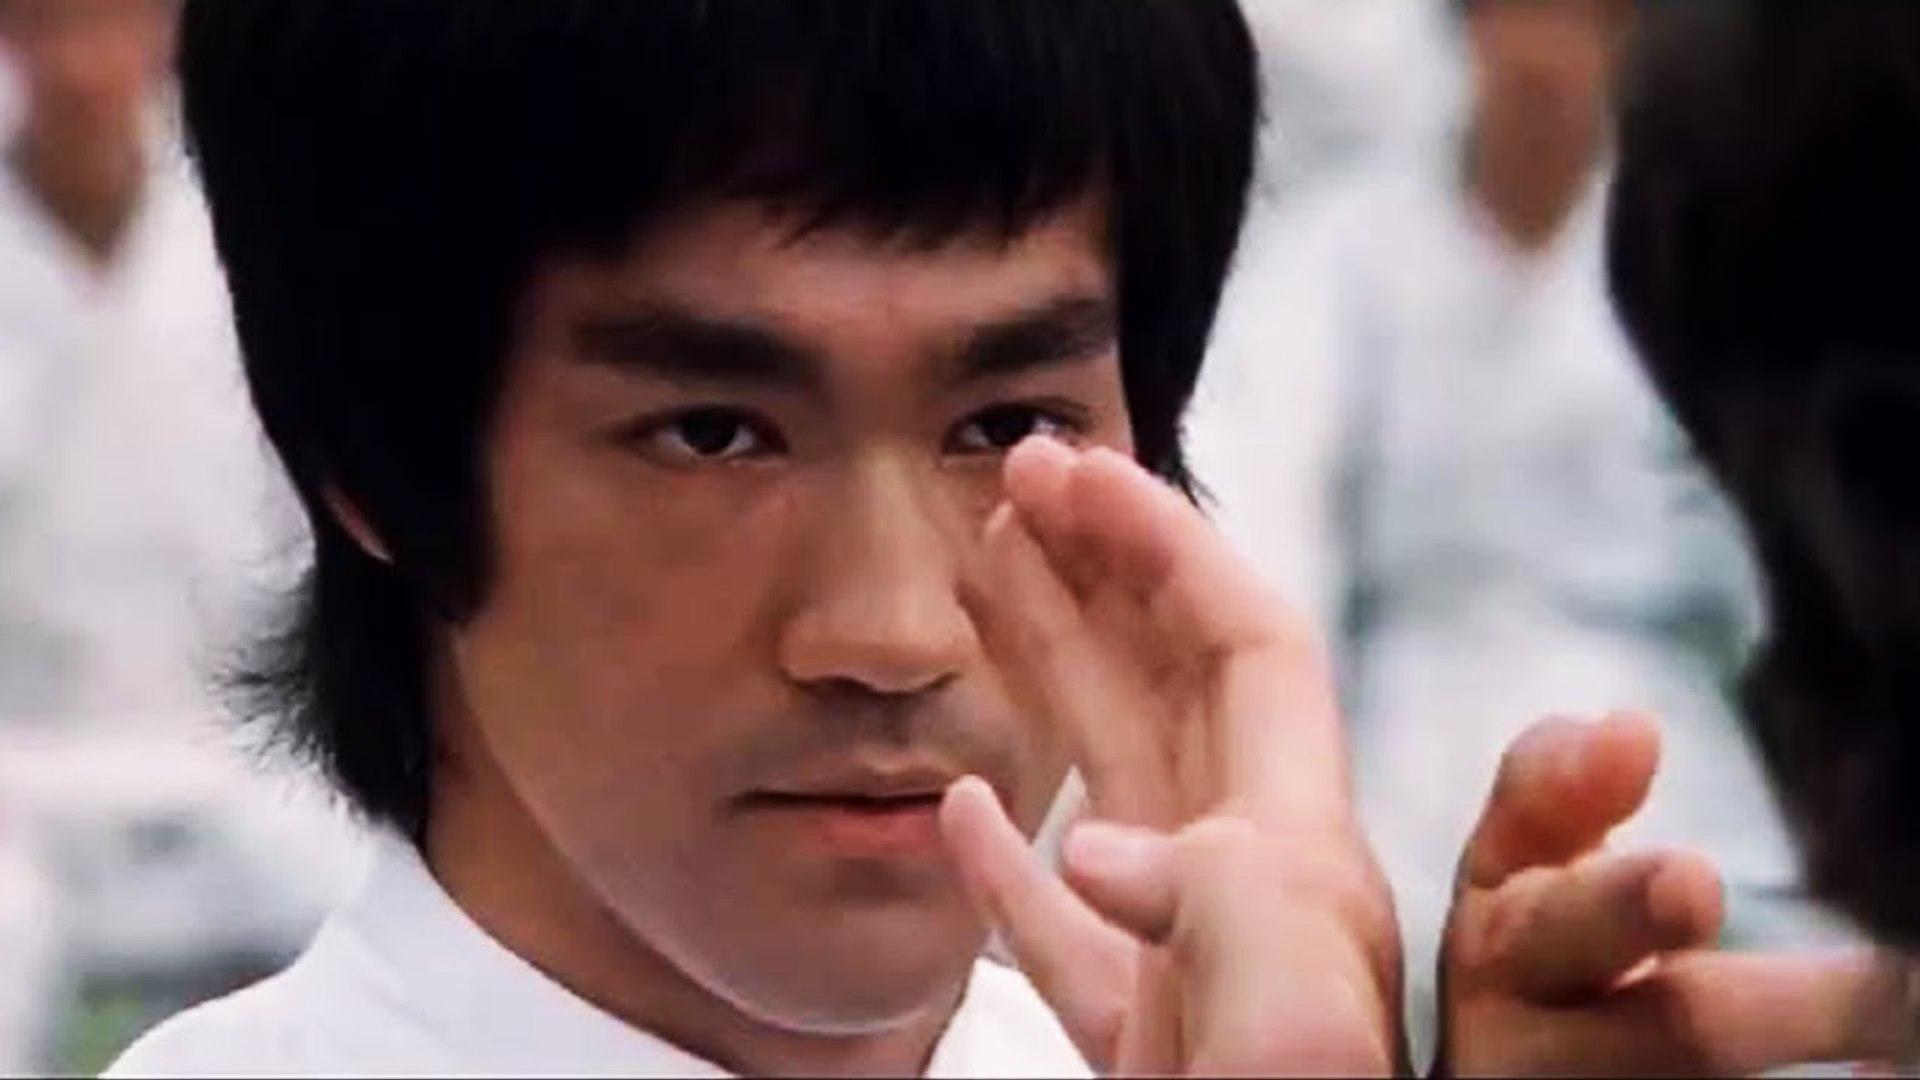 HUYỀN THOẠI LÝ TIỂU LONG | Phim Hành Động Võ Thuật Kungfu 2020 Thuyết Minh